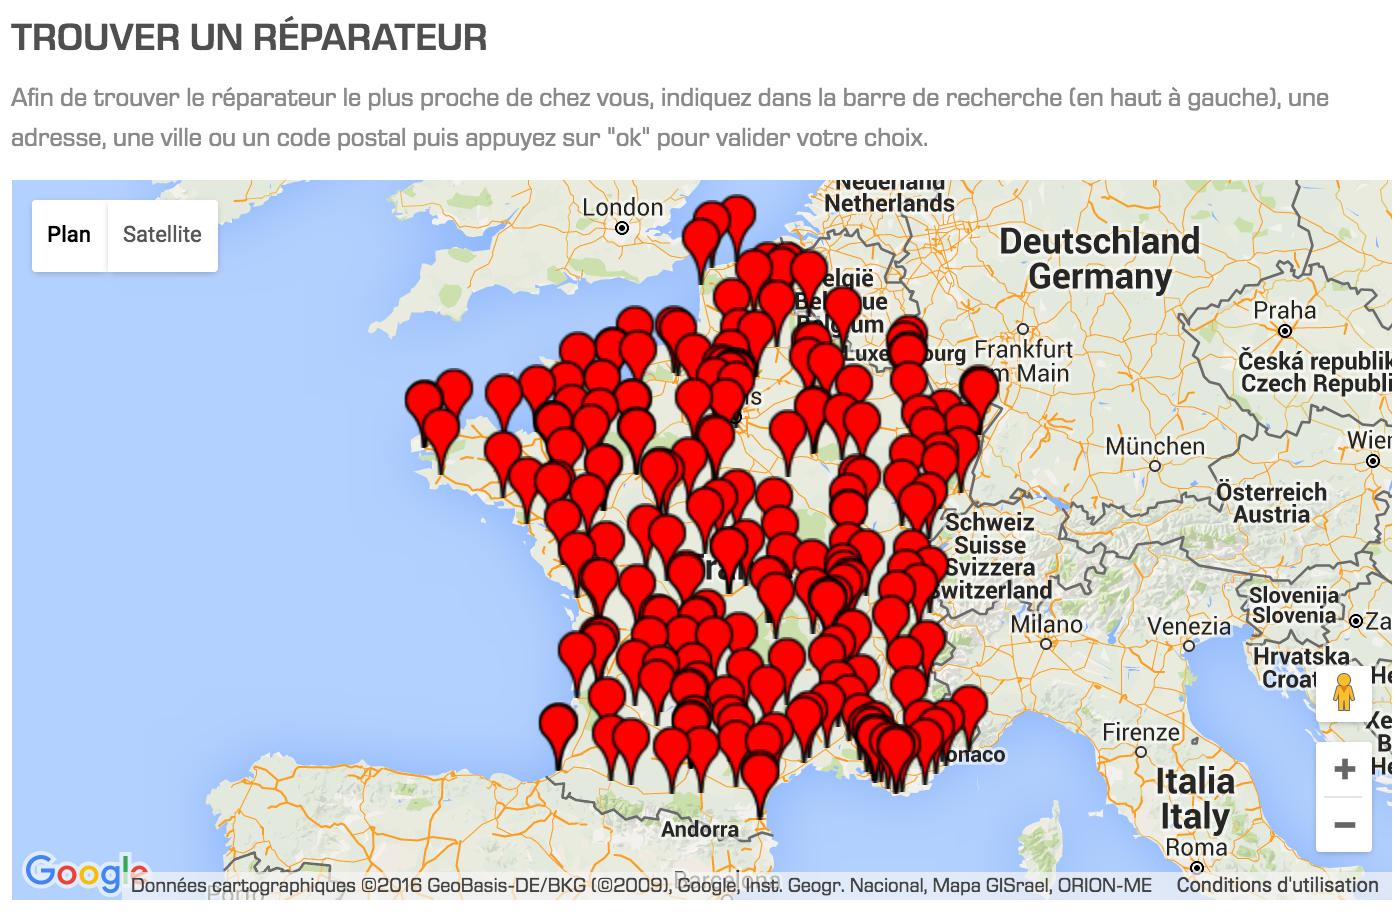 Cliquez pour accéder à la carte des centres de réparation Tefal